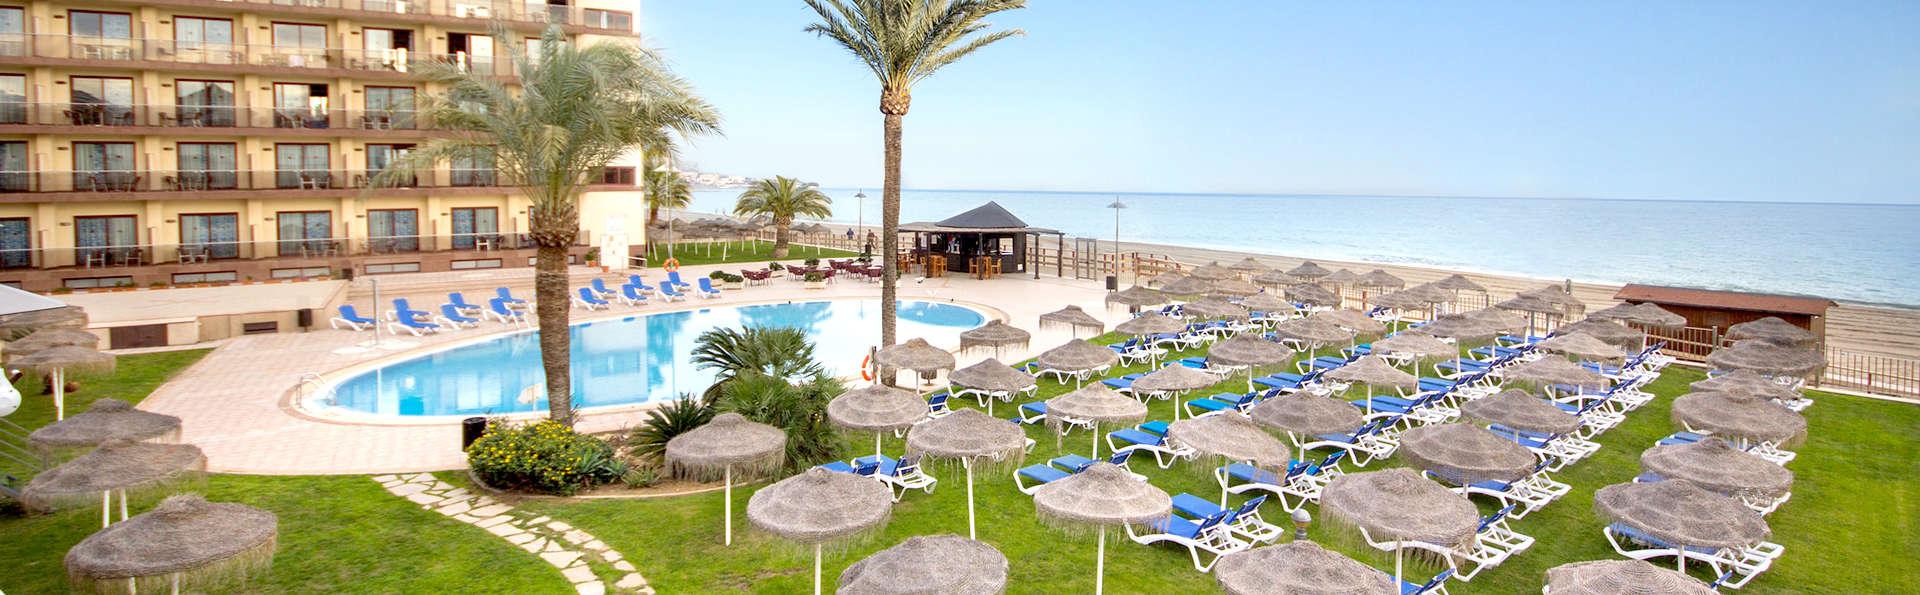 Luxe et confort en front de mer à la plage La Cala de Mijas